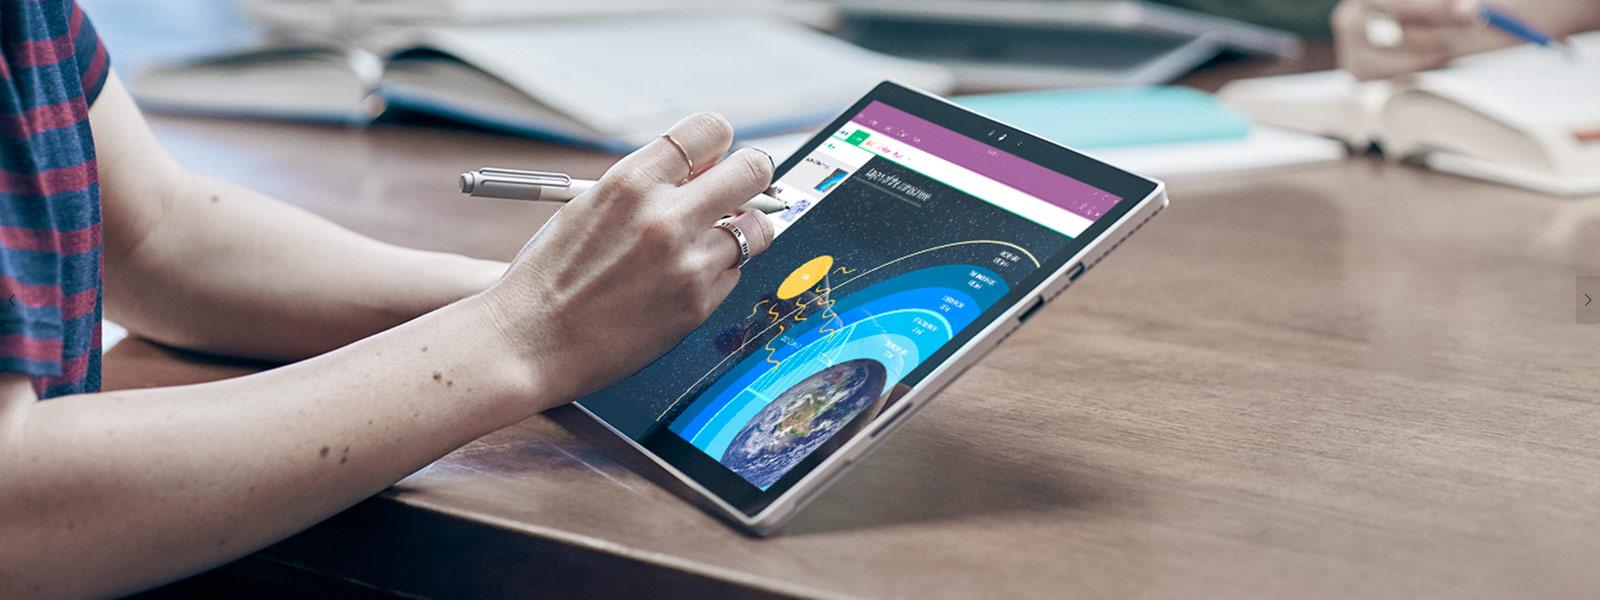 Frau, die Surface-Stift auf Surface Pro 4 verwendet.